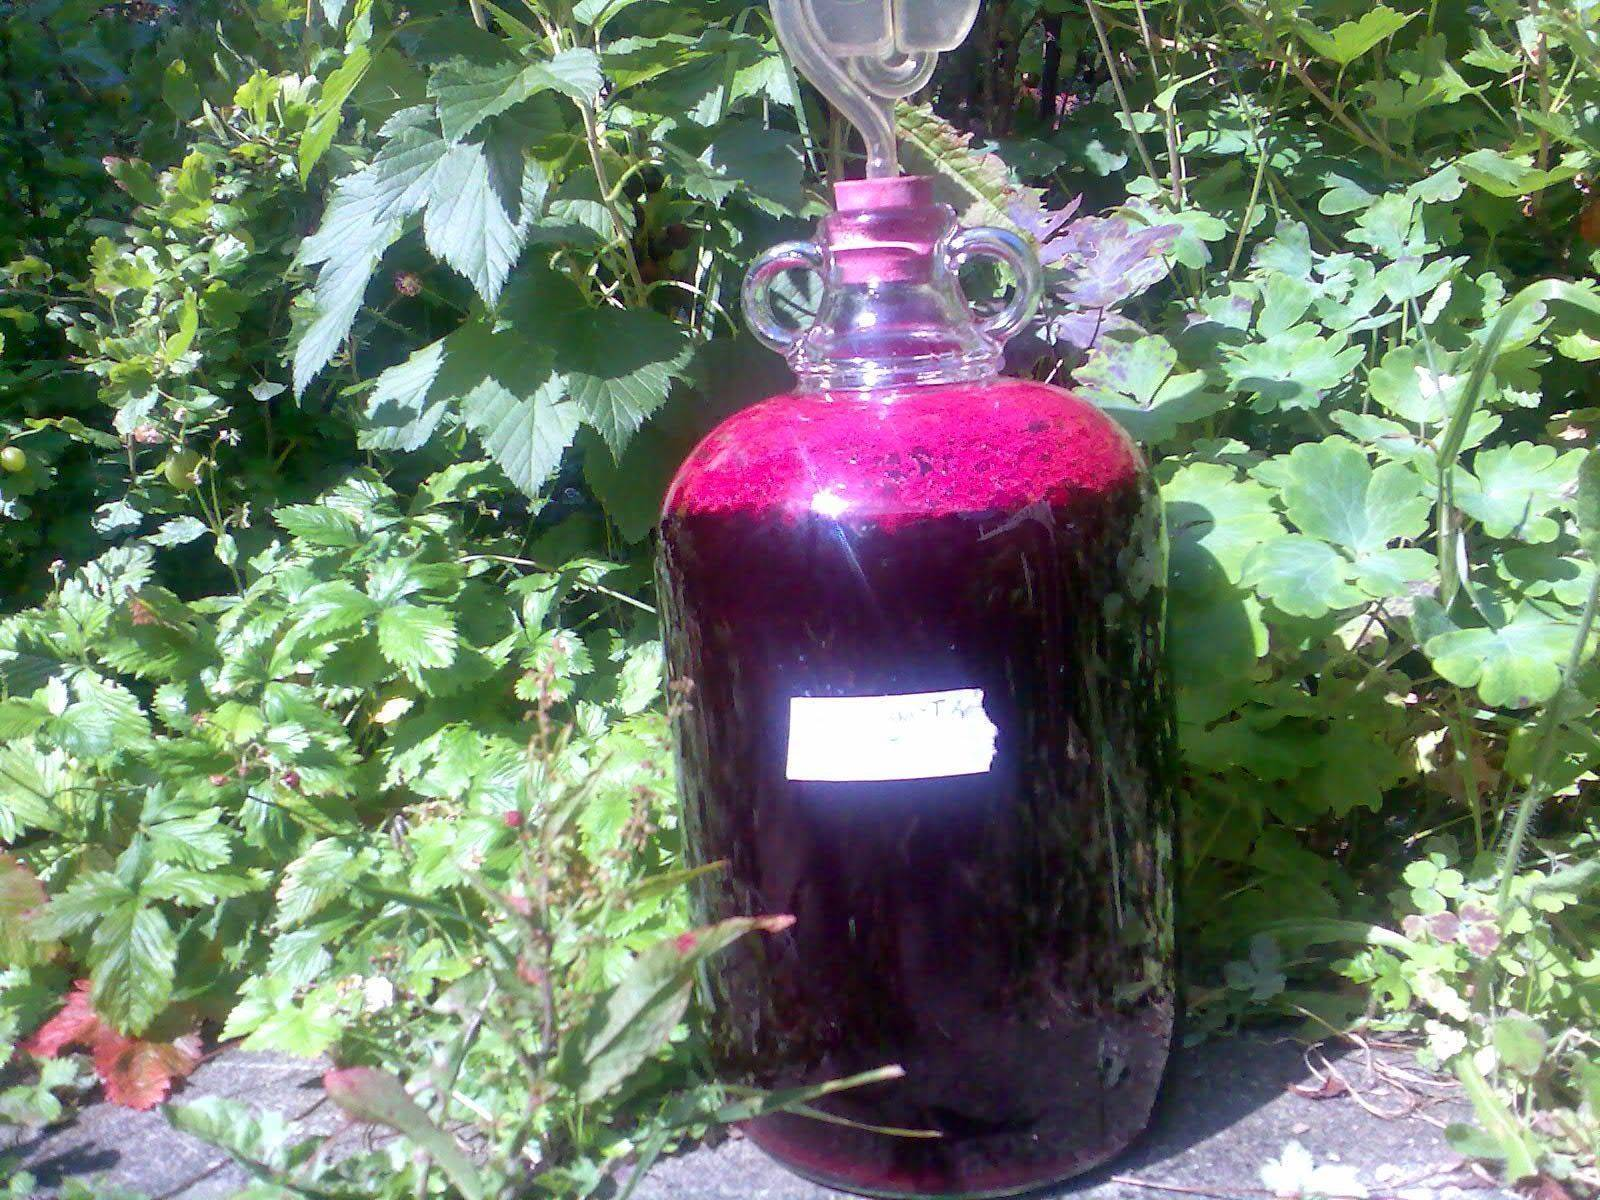 Вино из черной смородины: простые пошаговые рецепты в домашних условиях, польза и вред